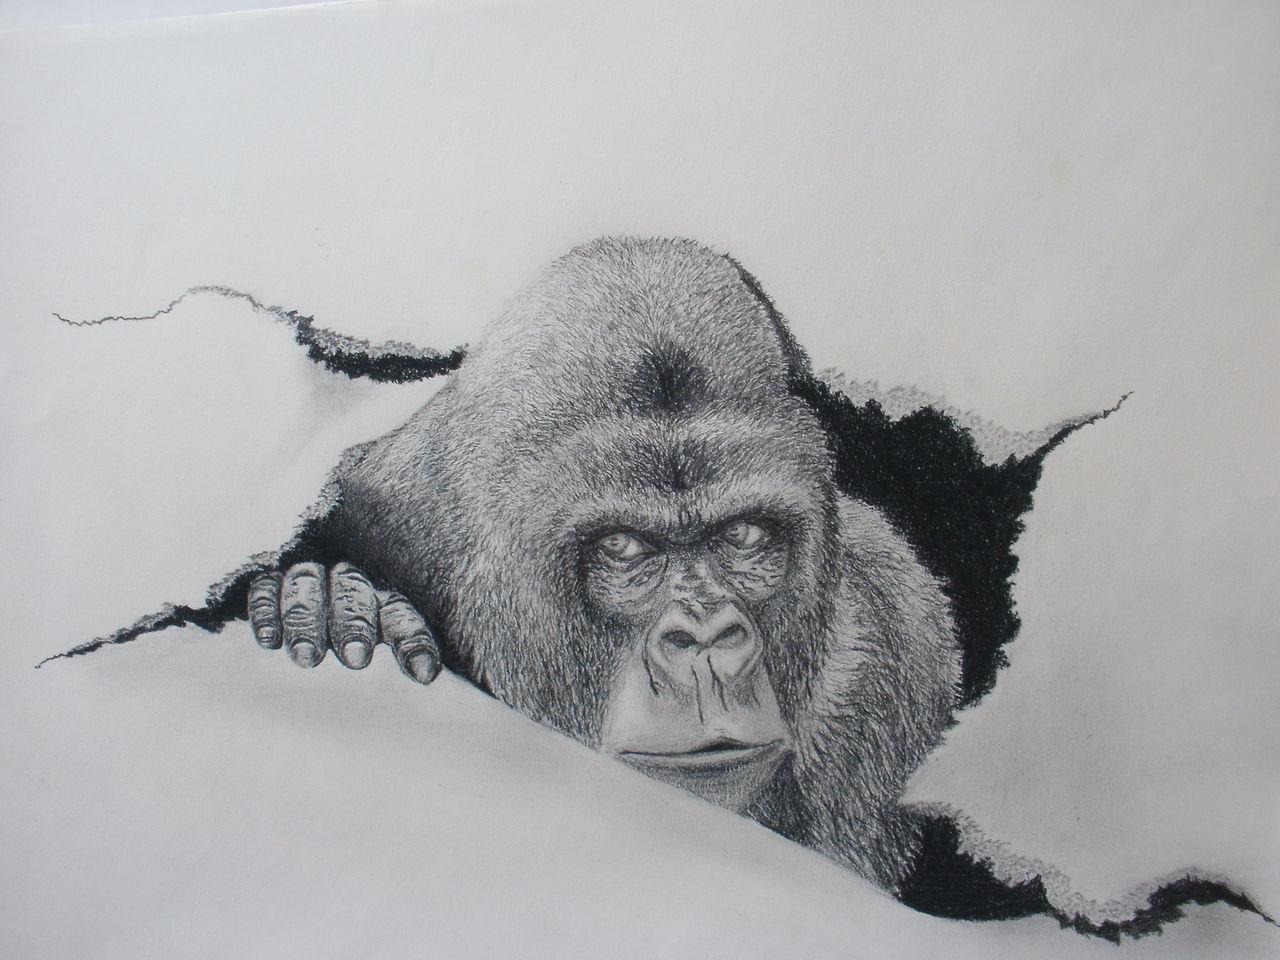 Kunst von erwachsenen Gorilla